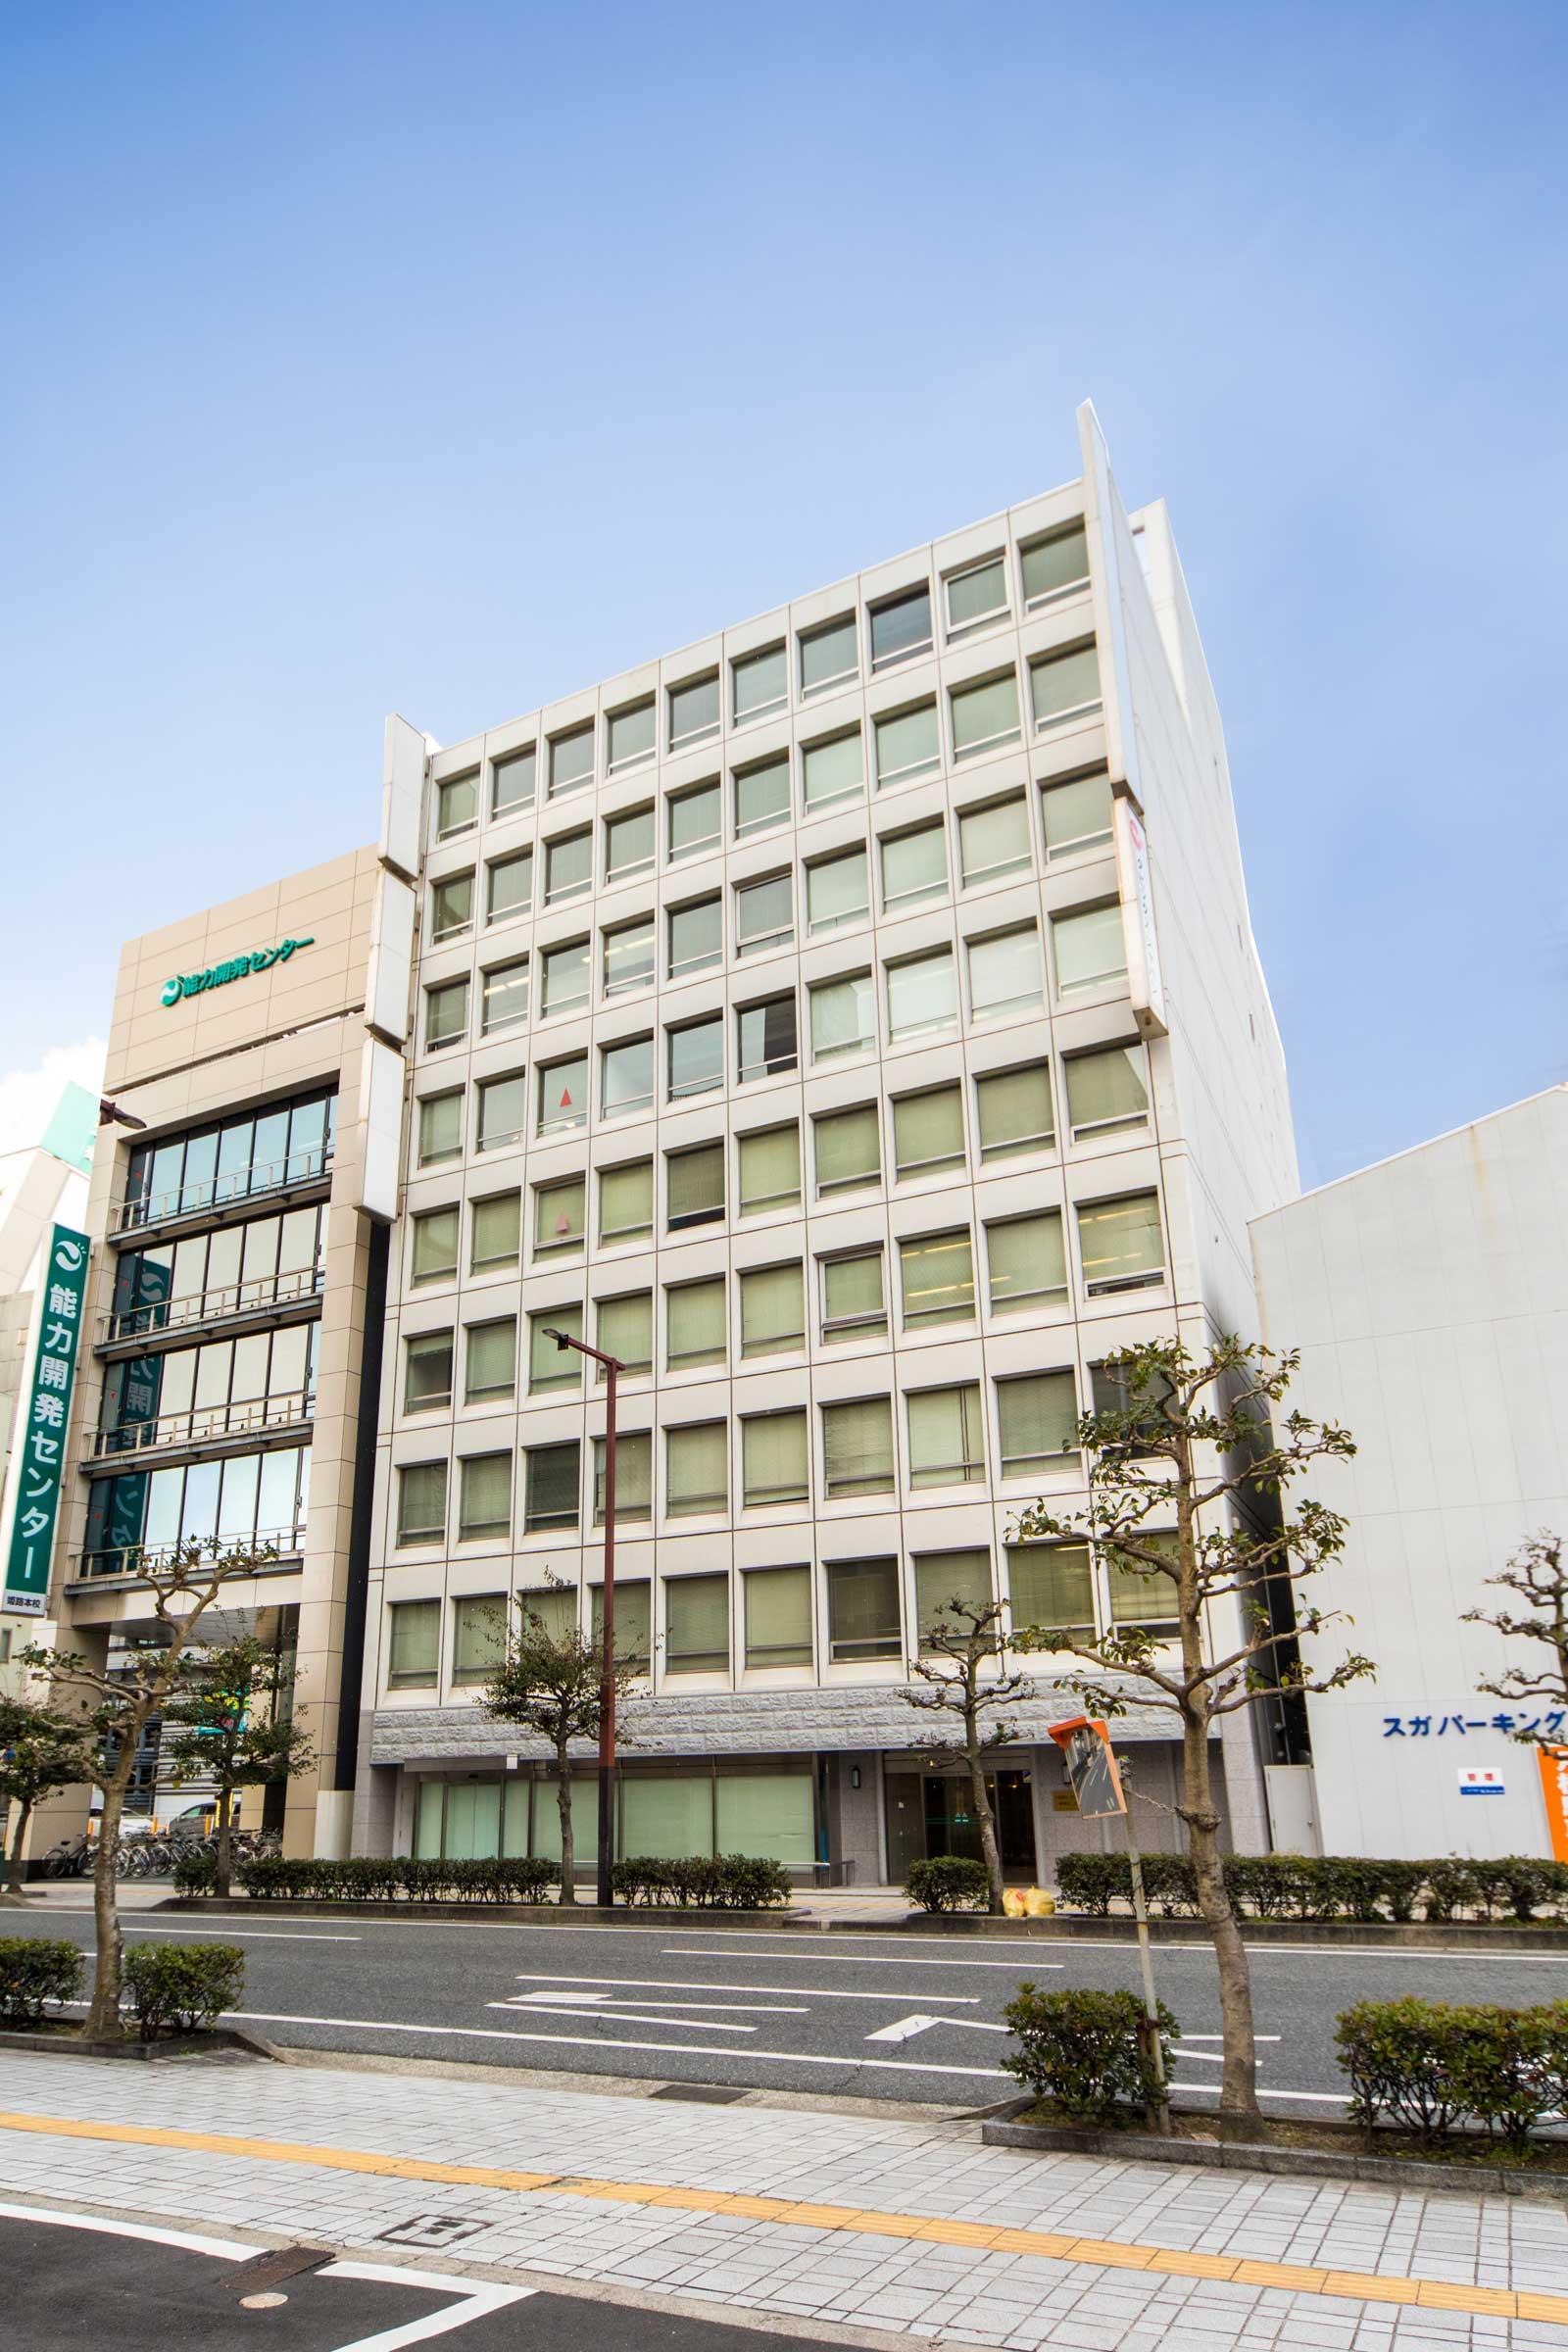 日本eリモデル姫路支店